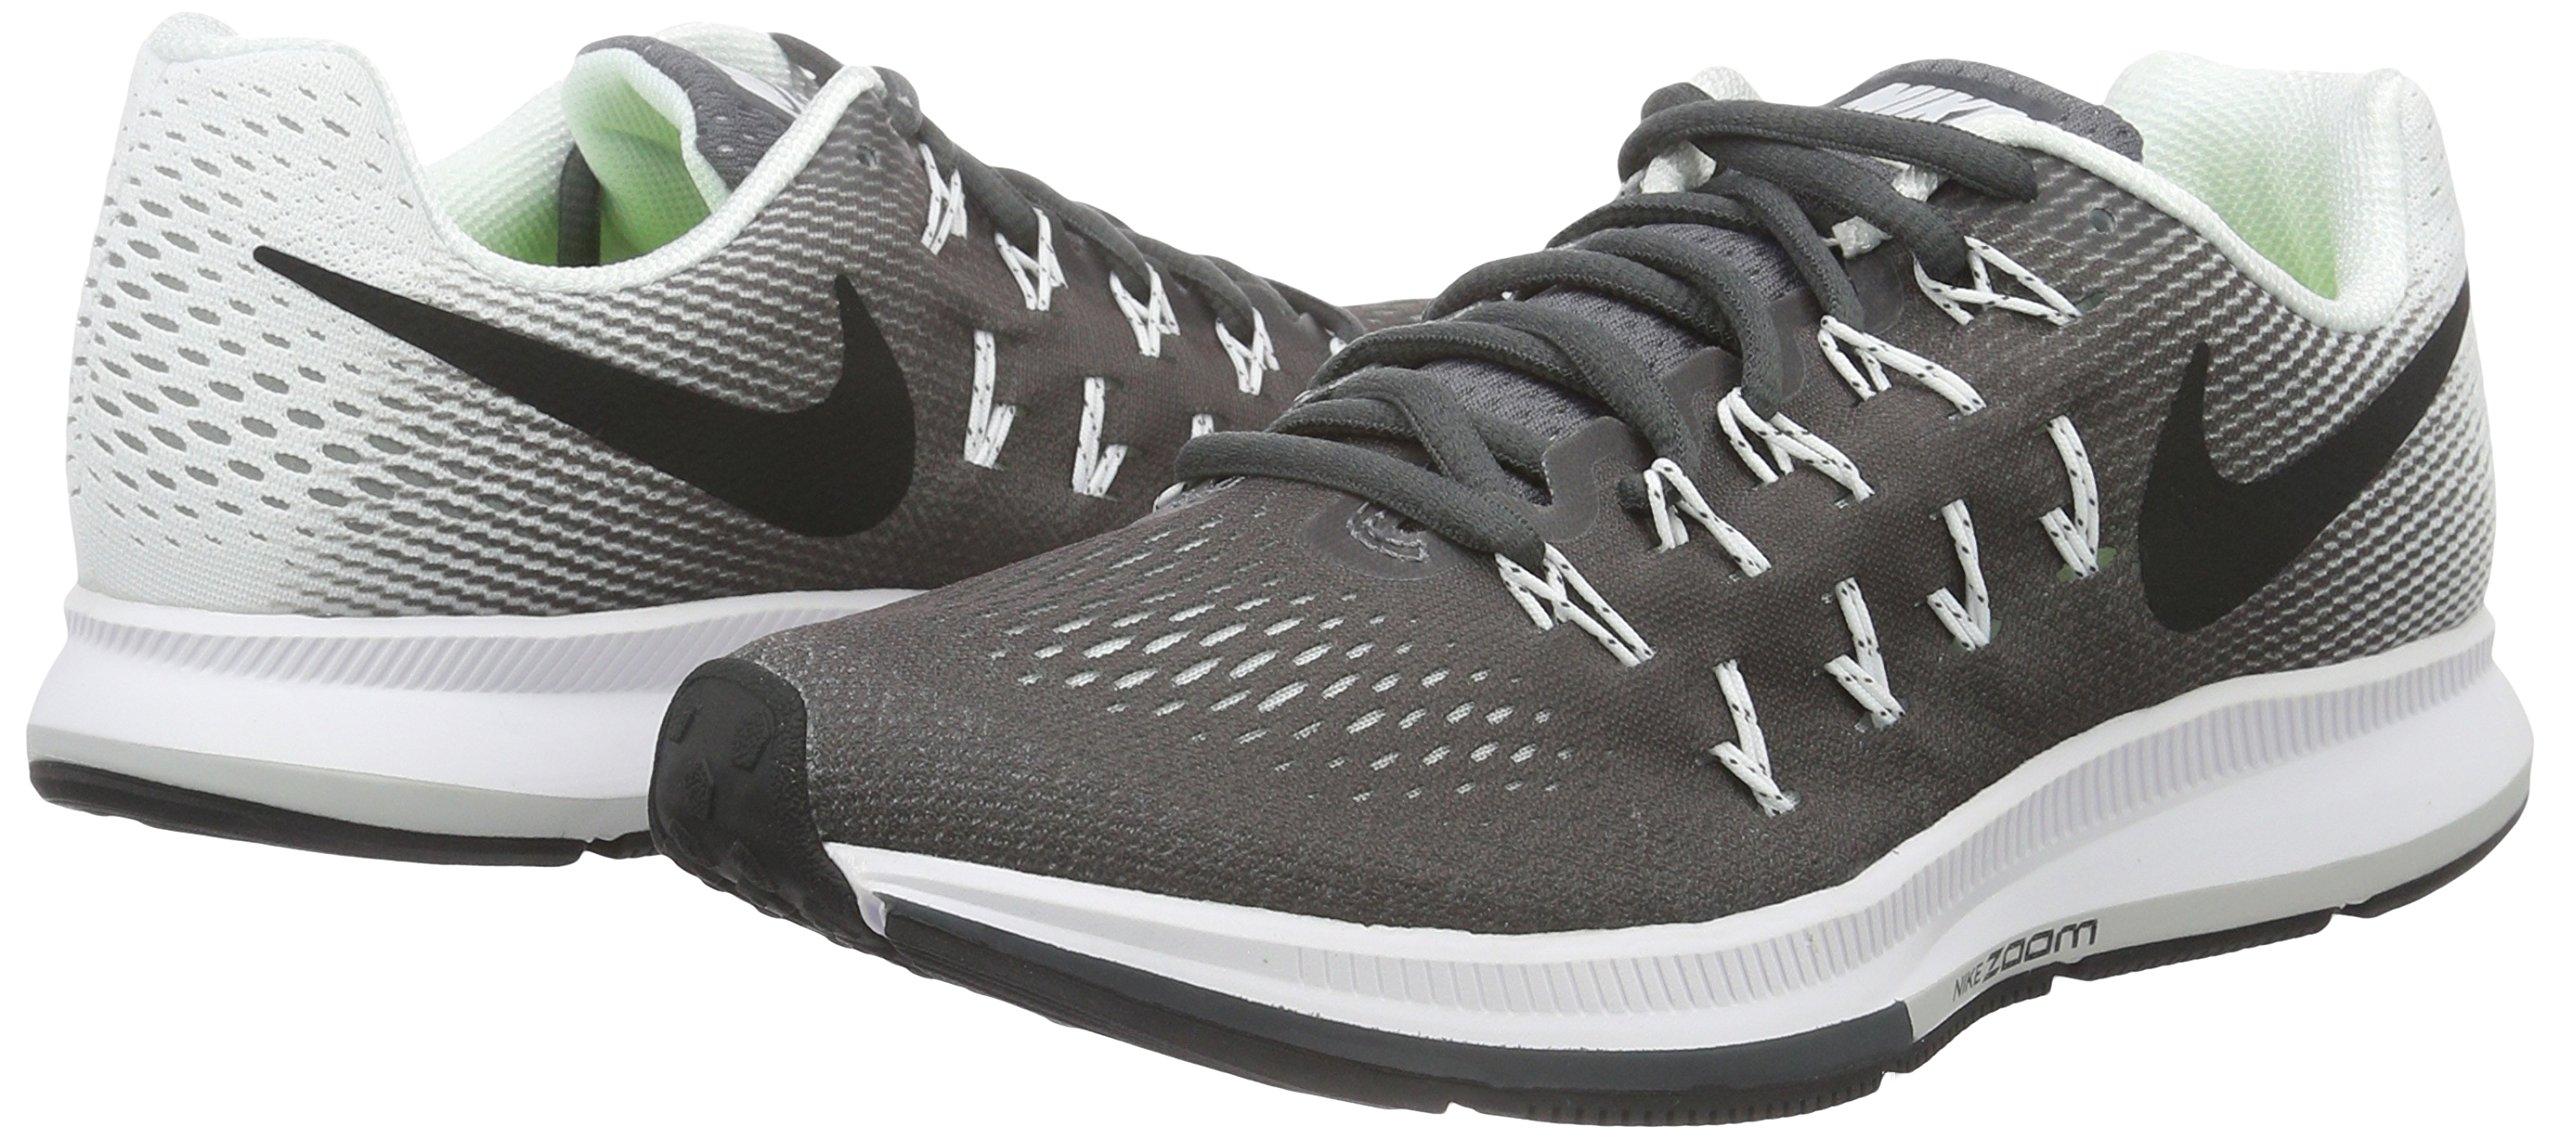 NIKE Women's Air Zoom Pegasus 33 Dark Grey/Black/White Running Shoe 9 Women US